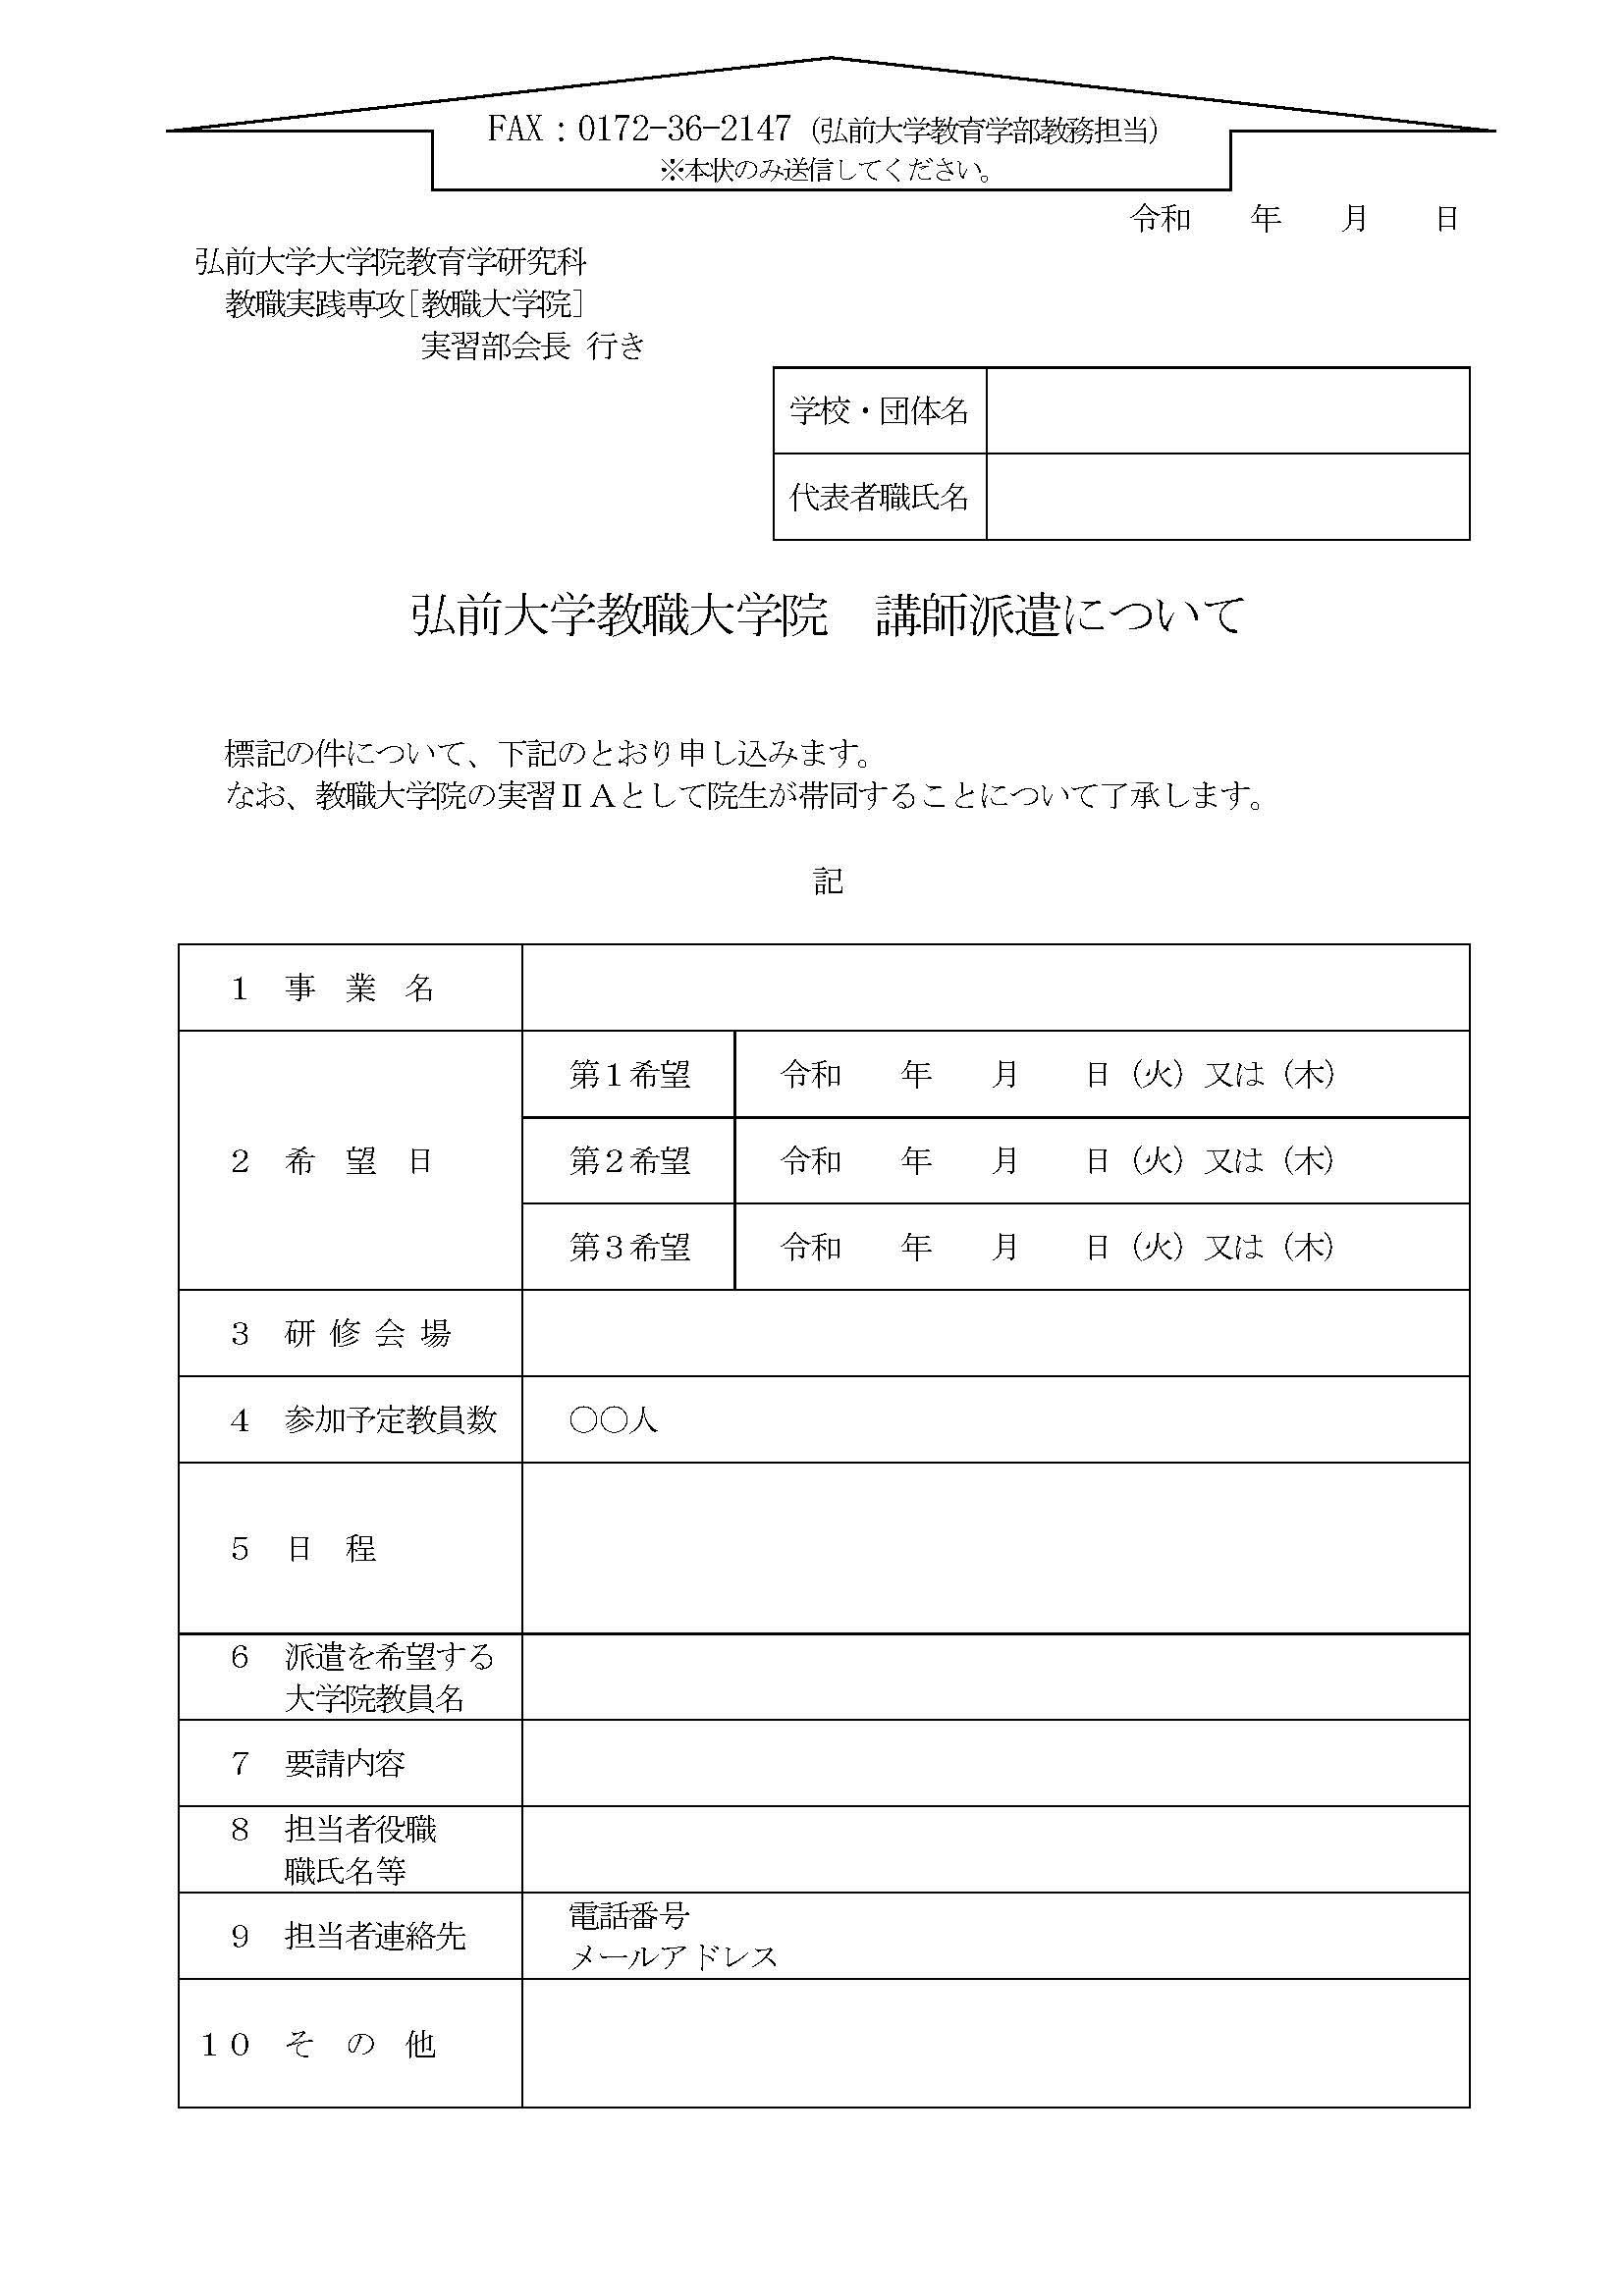 実習ⅡAに係る講師派遣申込み票